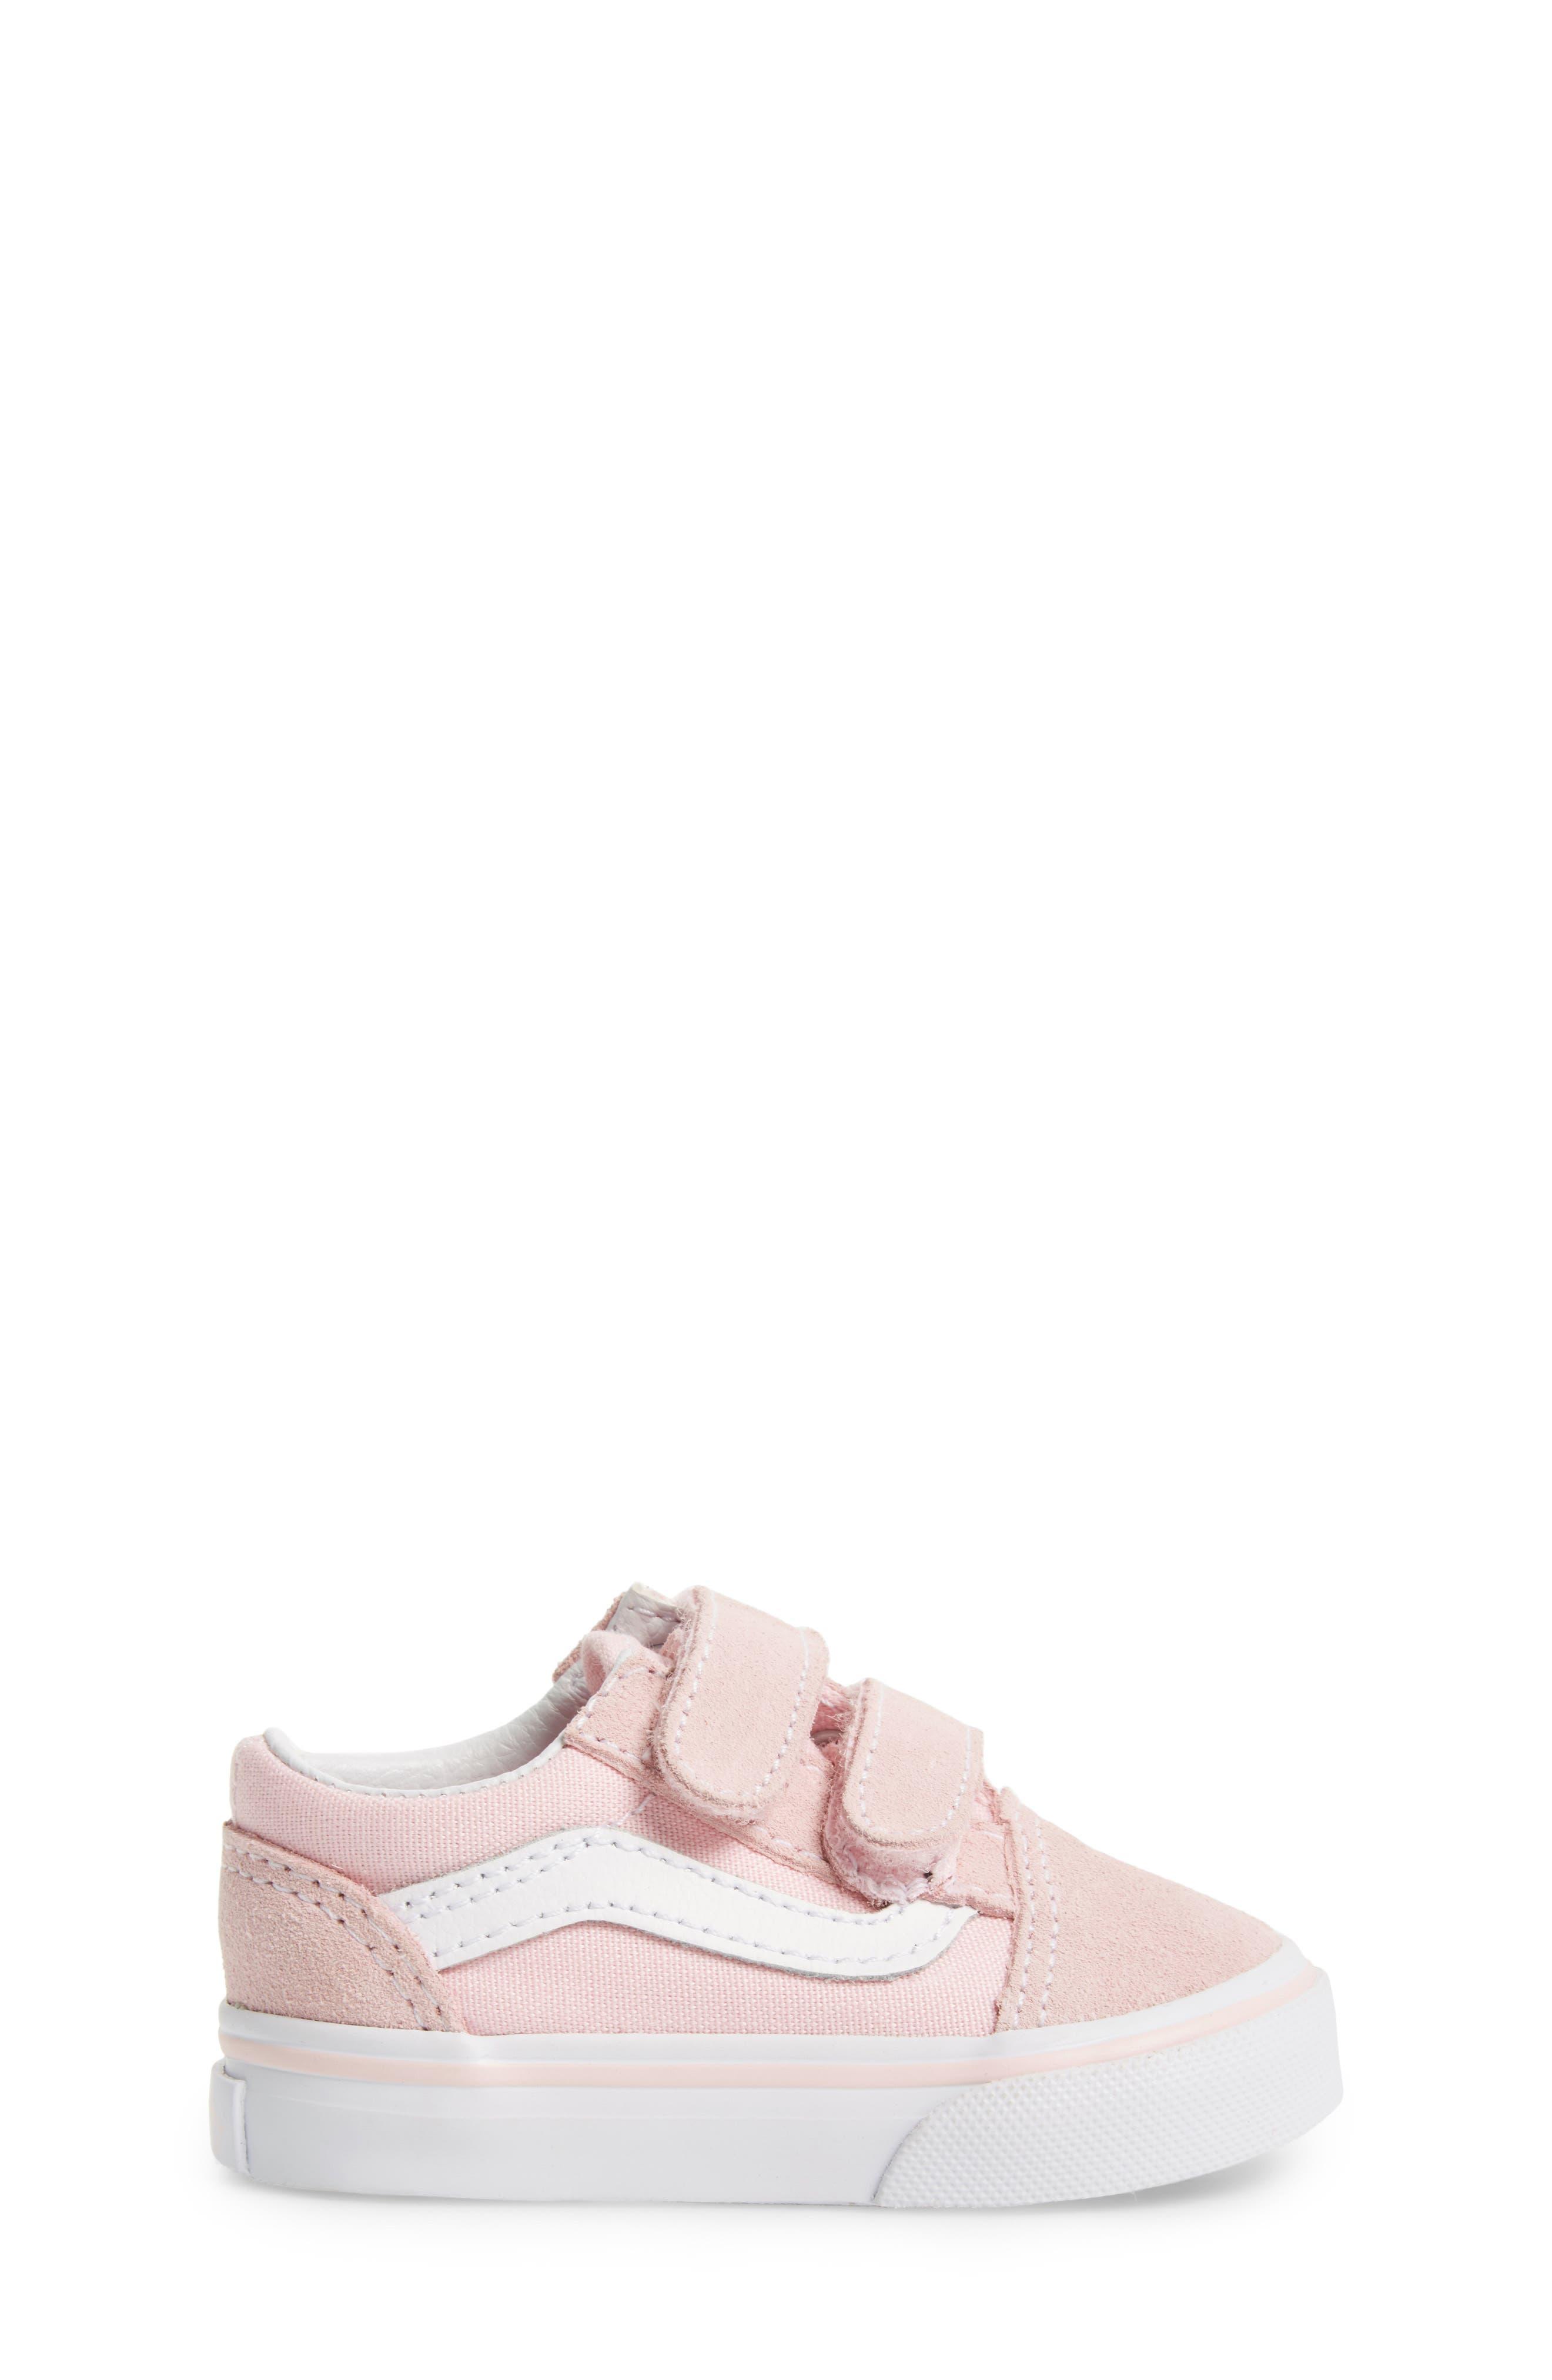 'Old Skool V' Sneaker,                             Alternate thumbnail 3, color,                             CHALK PINK/ TRUE WHITE